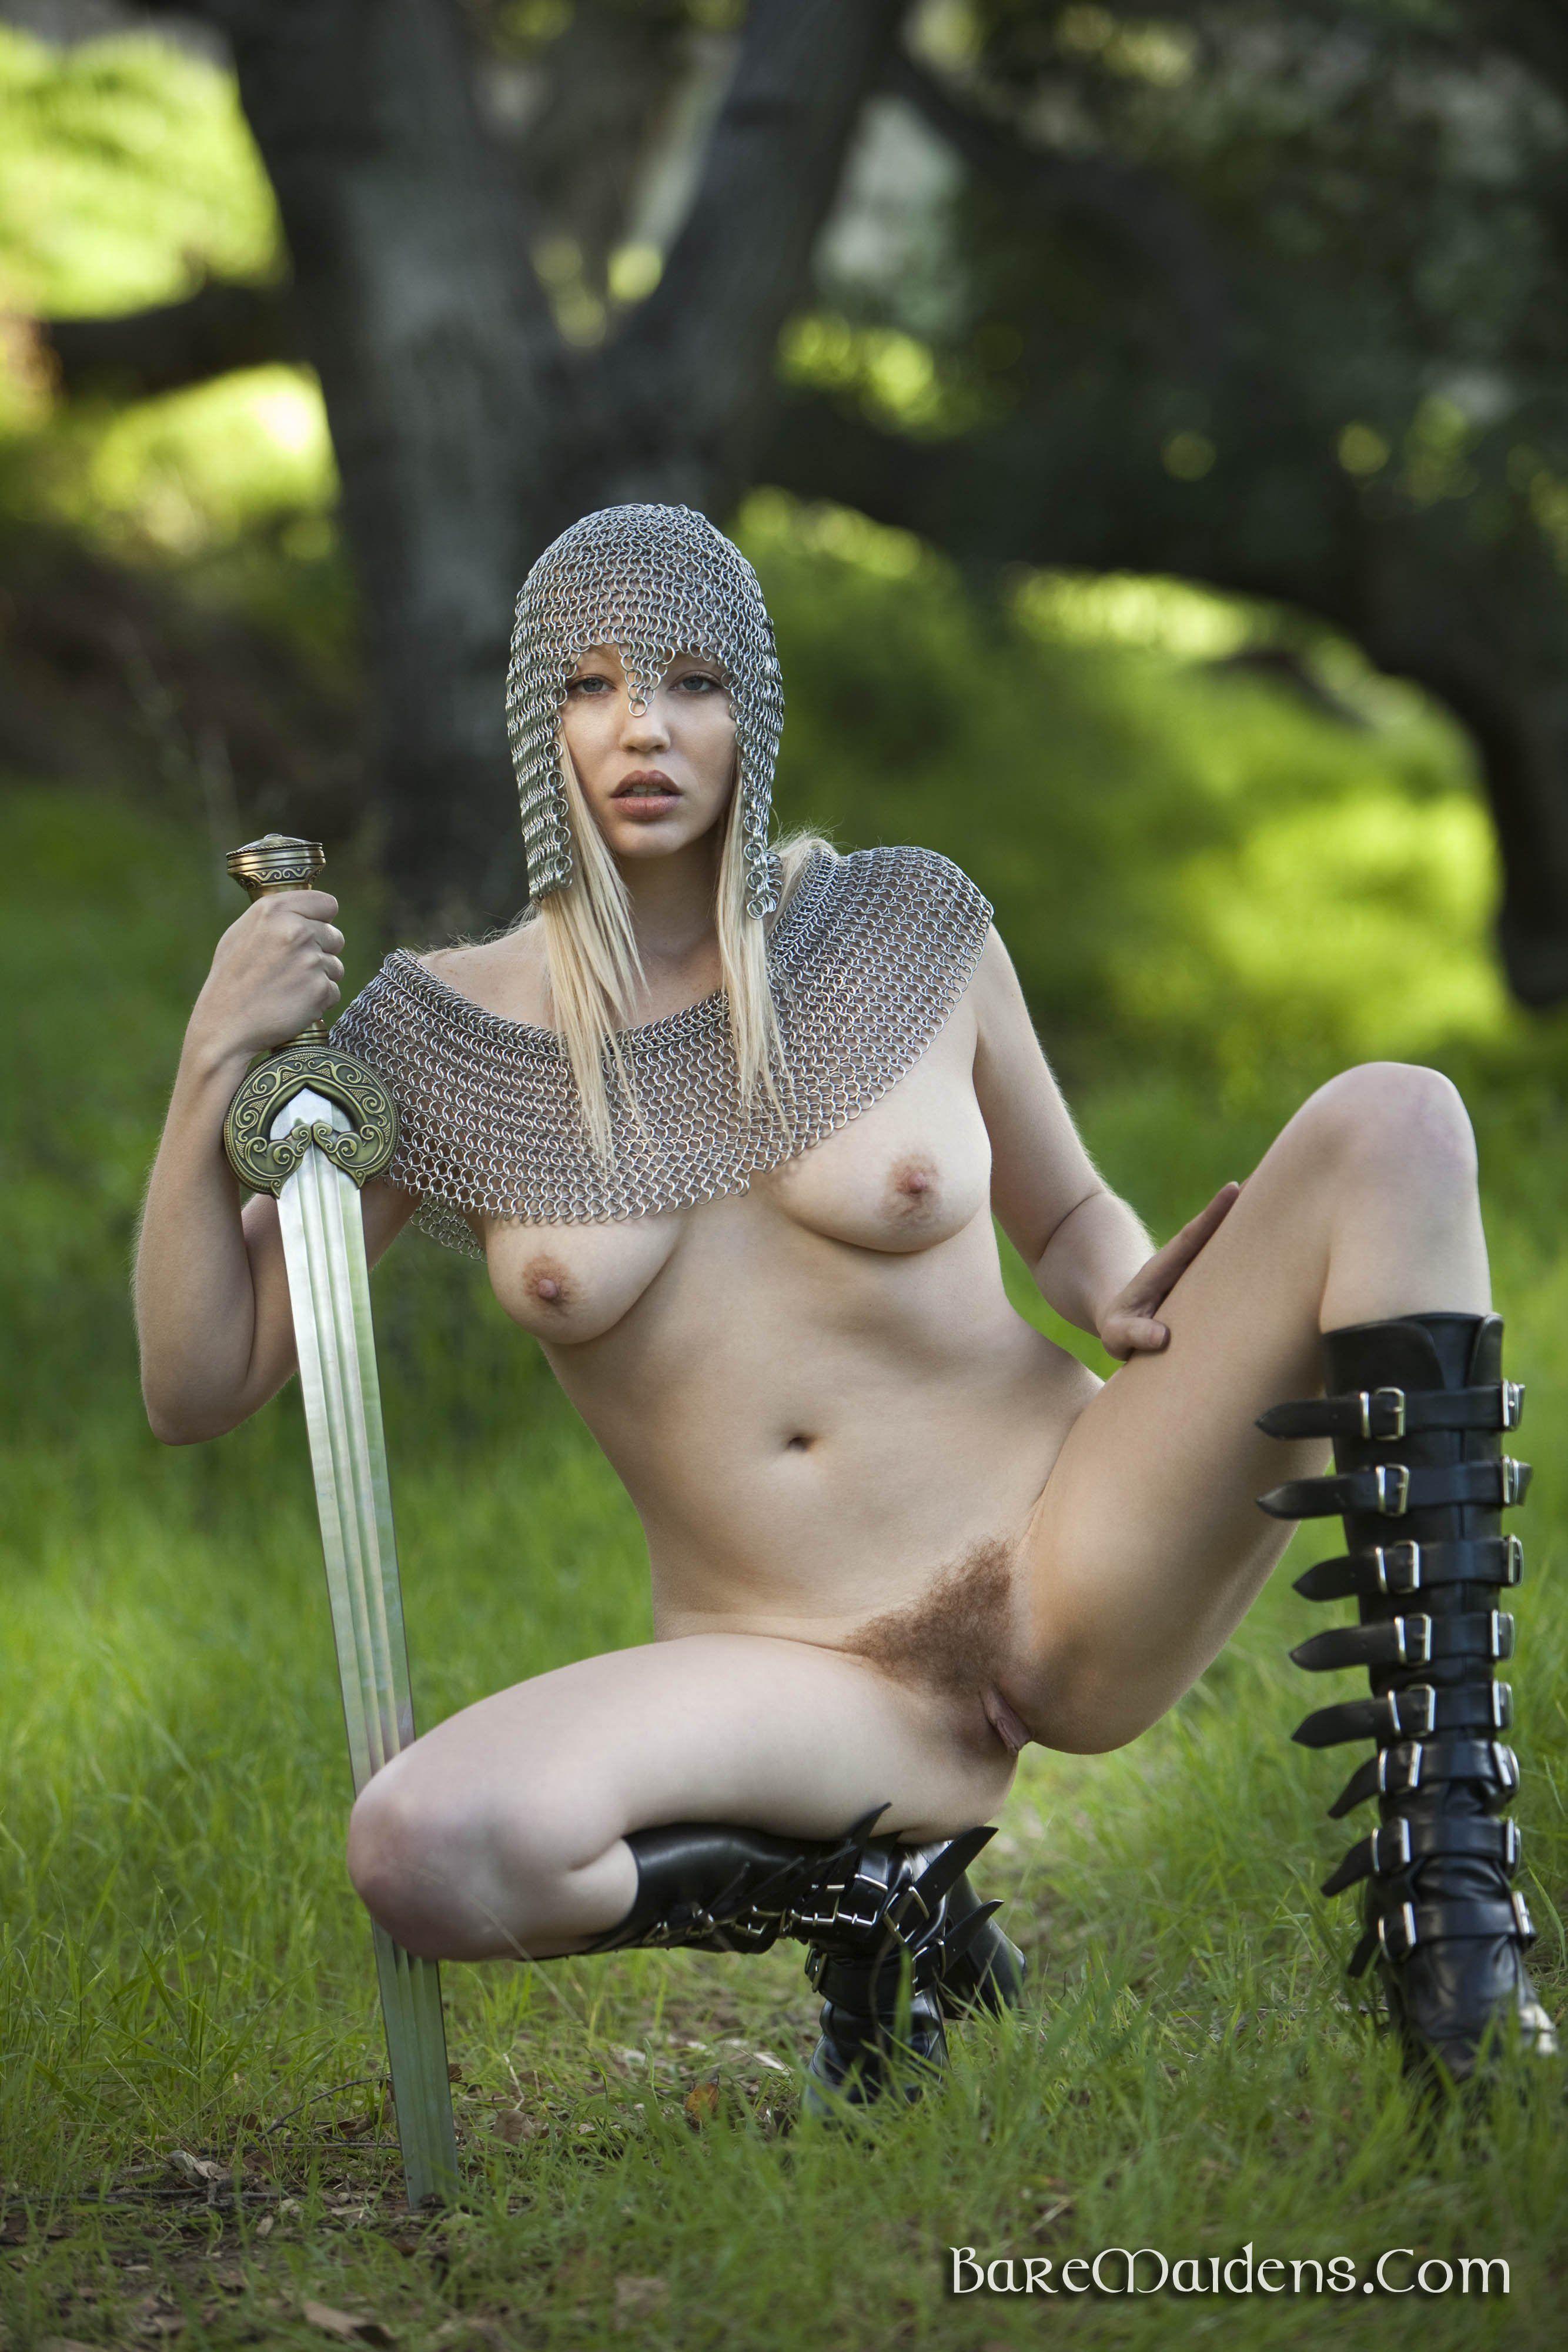 Baremwidends Porn Film Online Free hot nude medieval girls - excellent porn. comments: 5